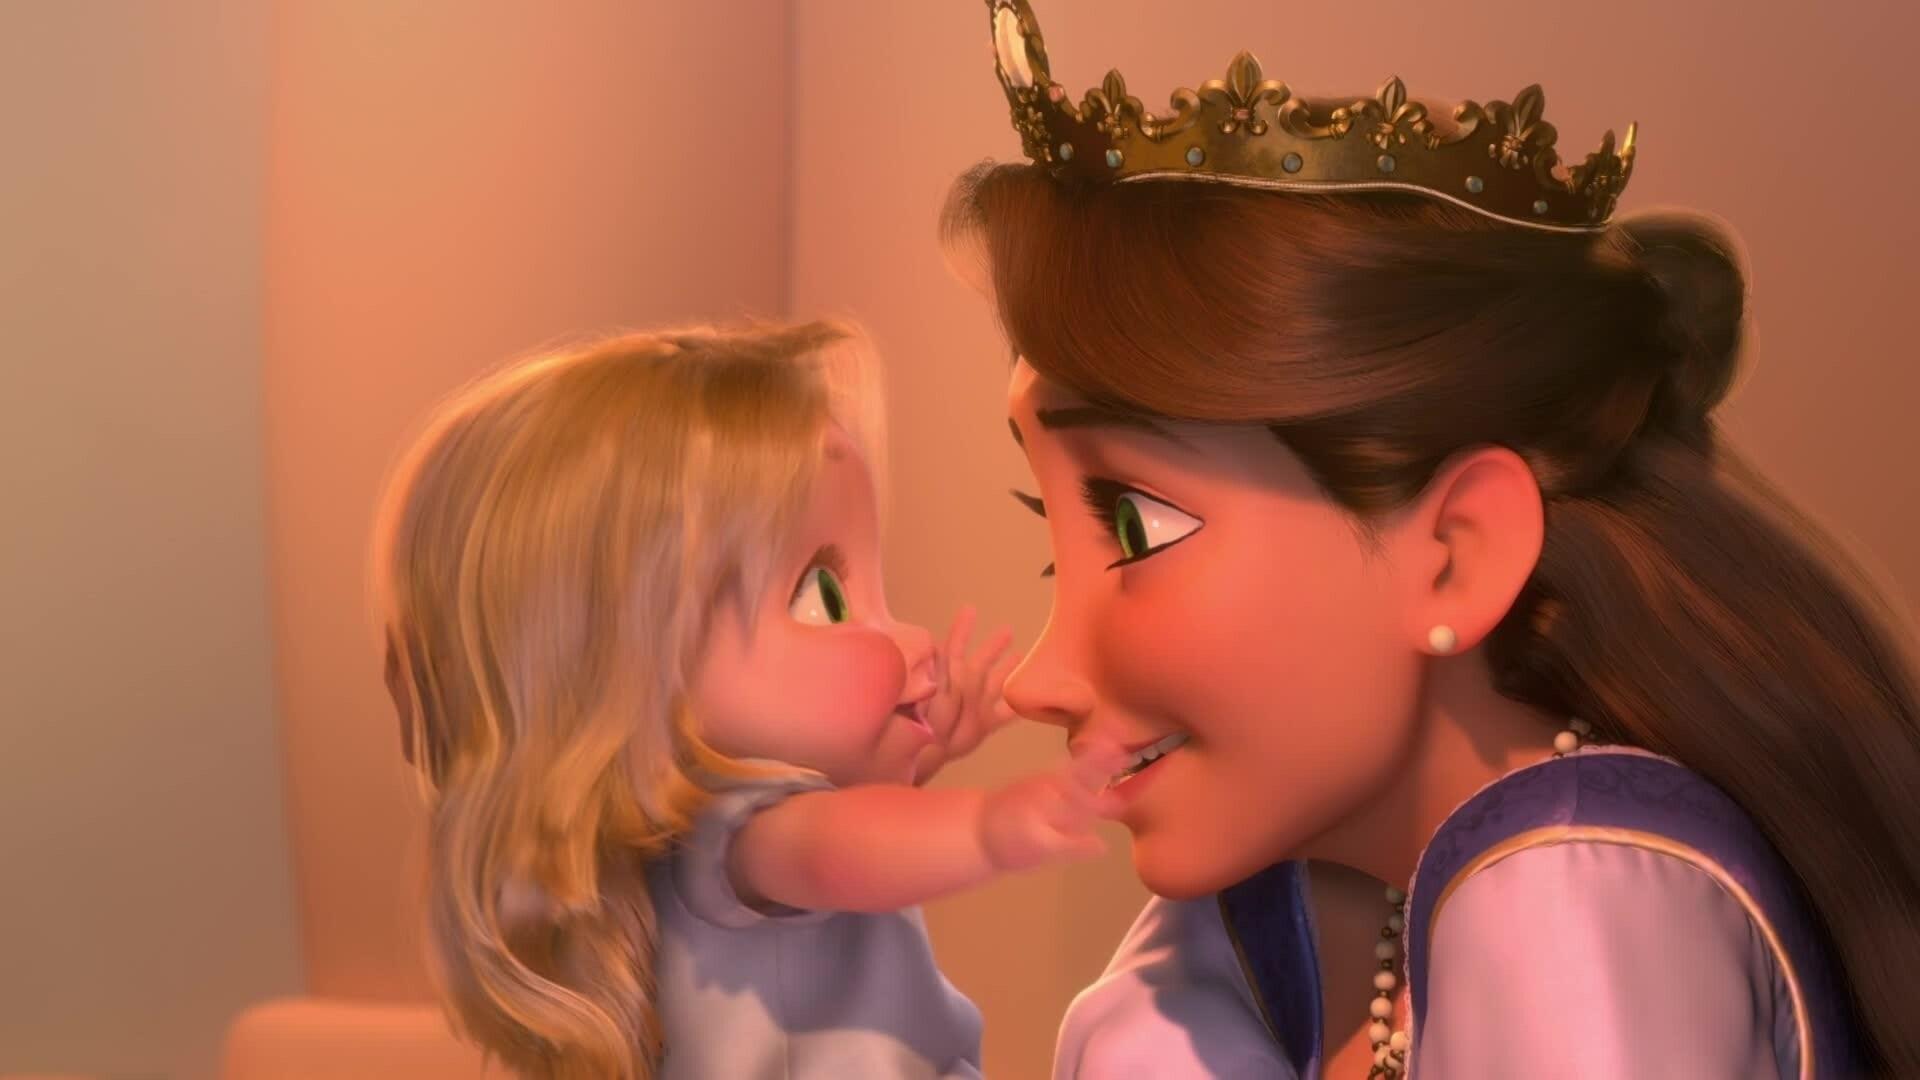 Crois en tes rêves, Princesse - Quels sont vos rêves pour votre petite fille